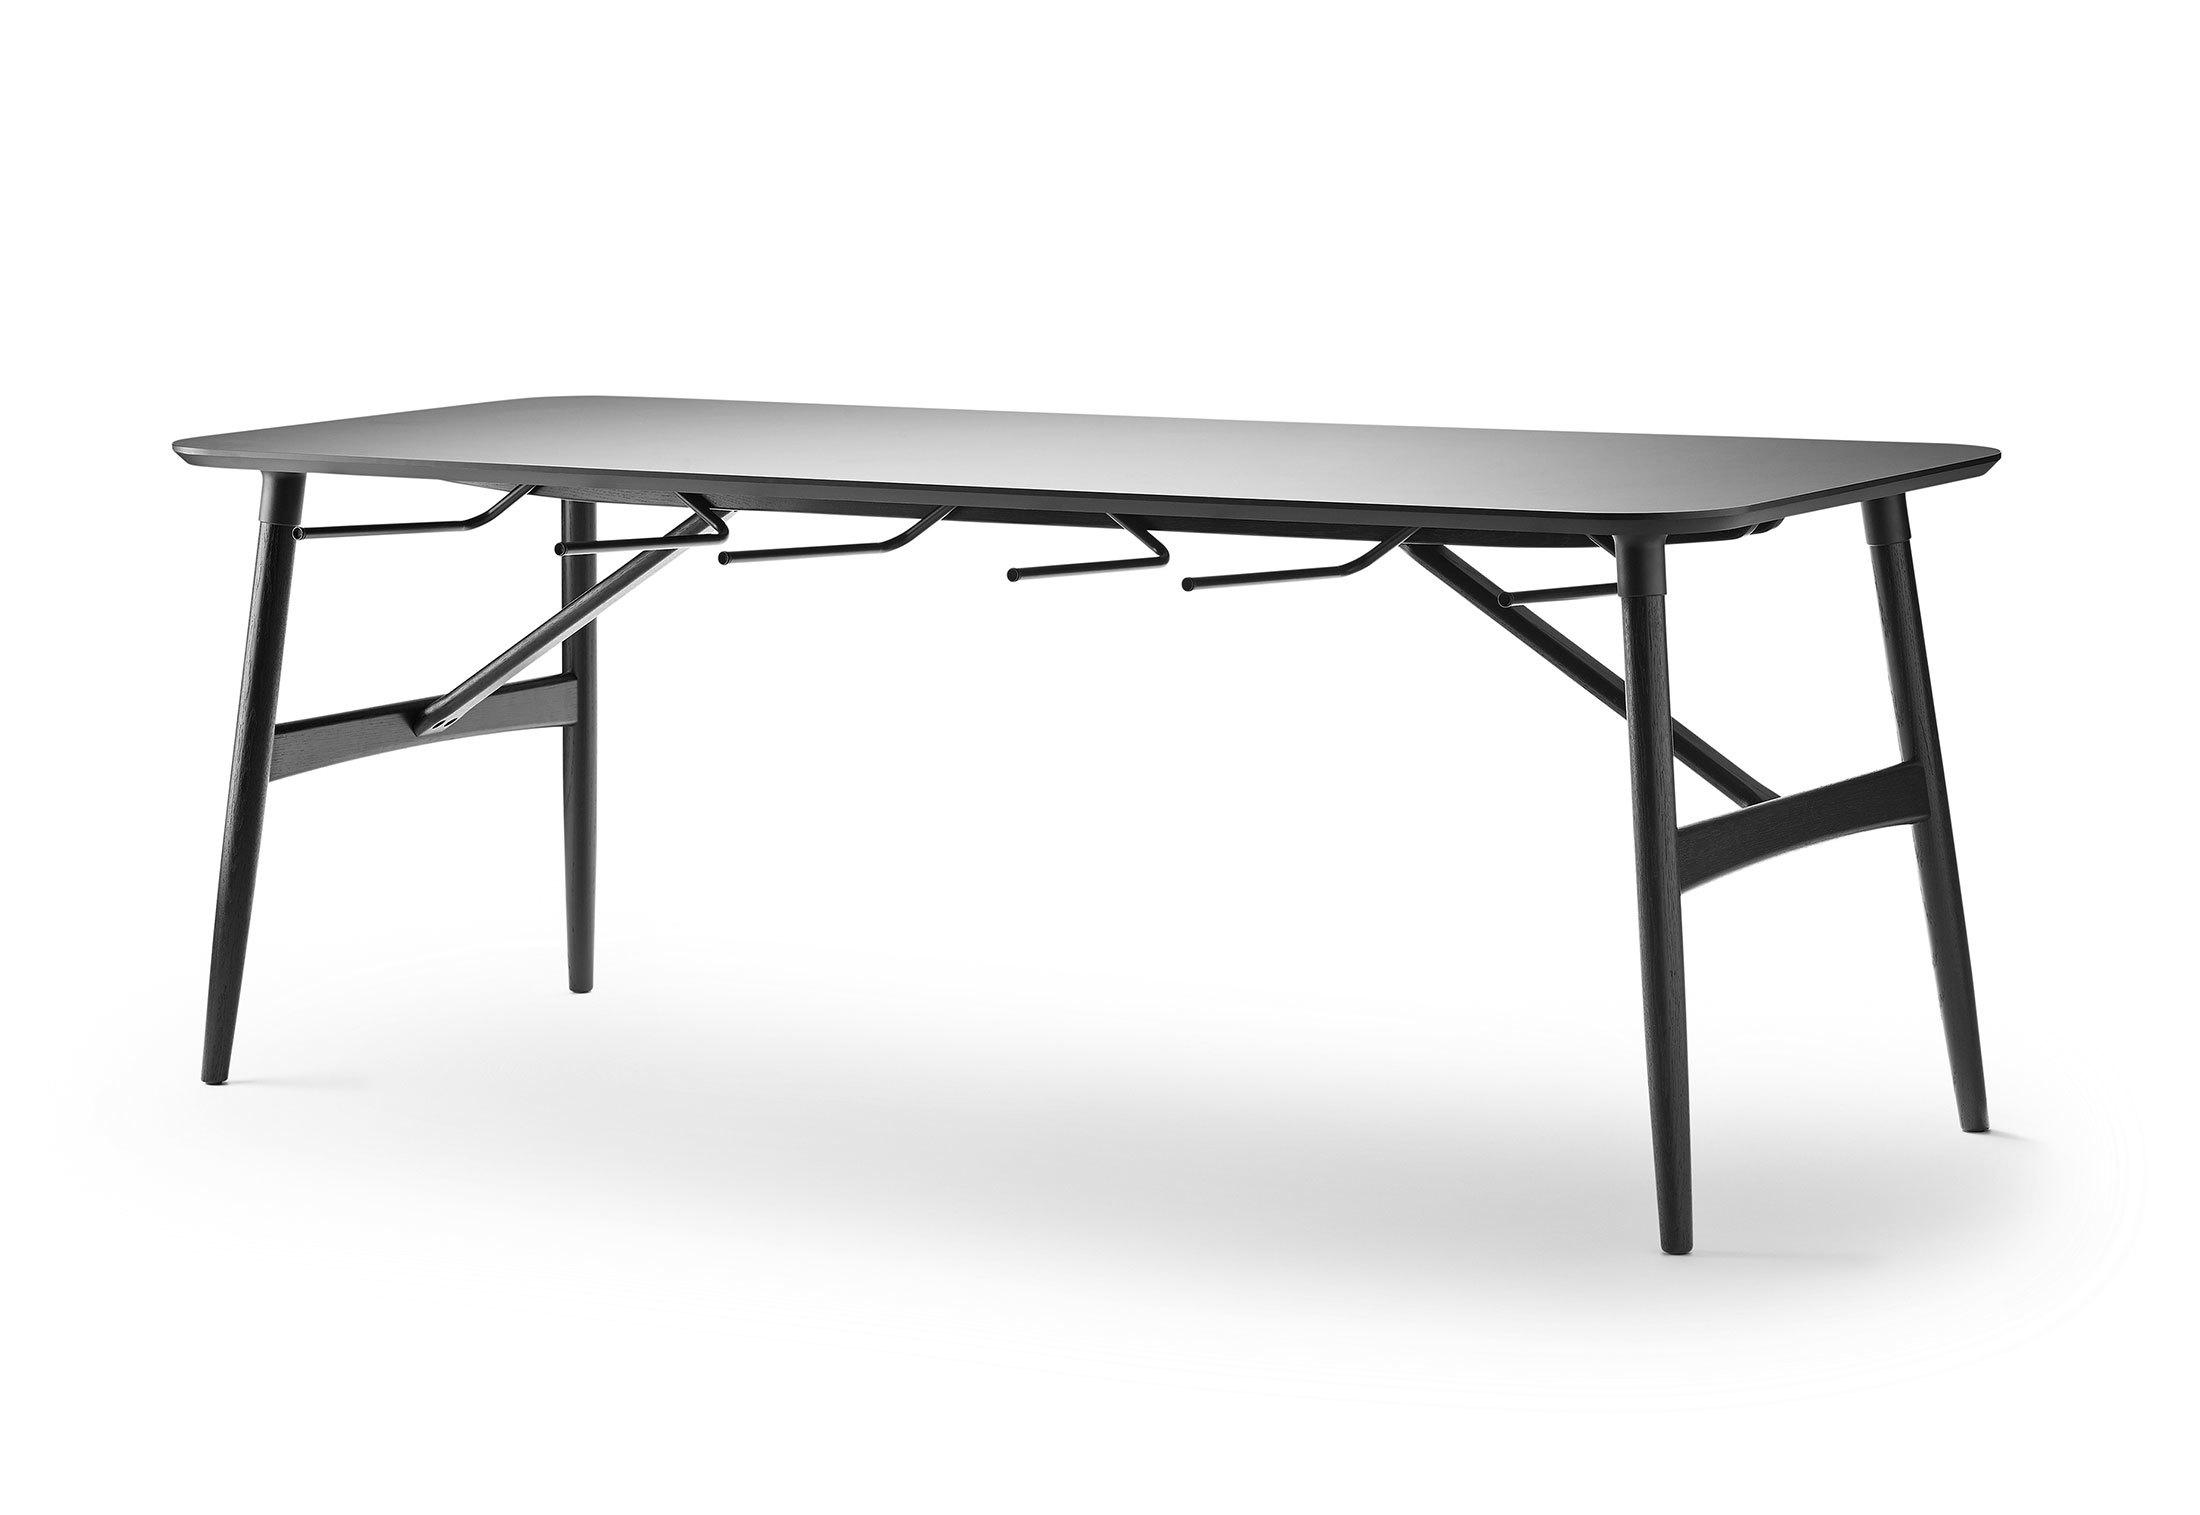 Preludia Tisch von Carl Hansen & Søn | STYLEPARK